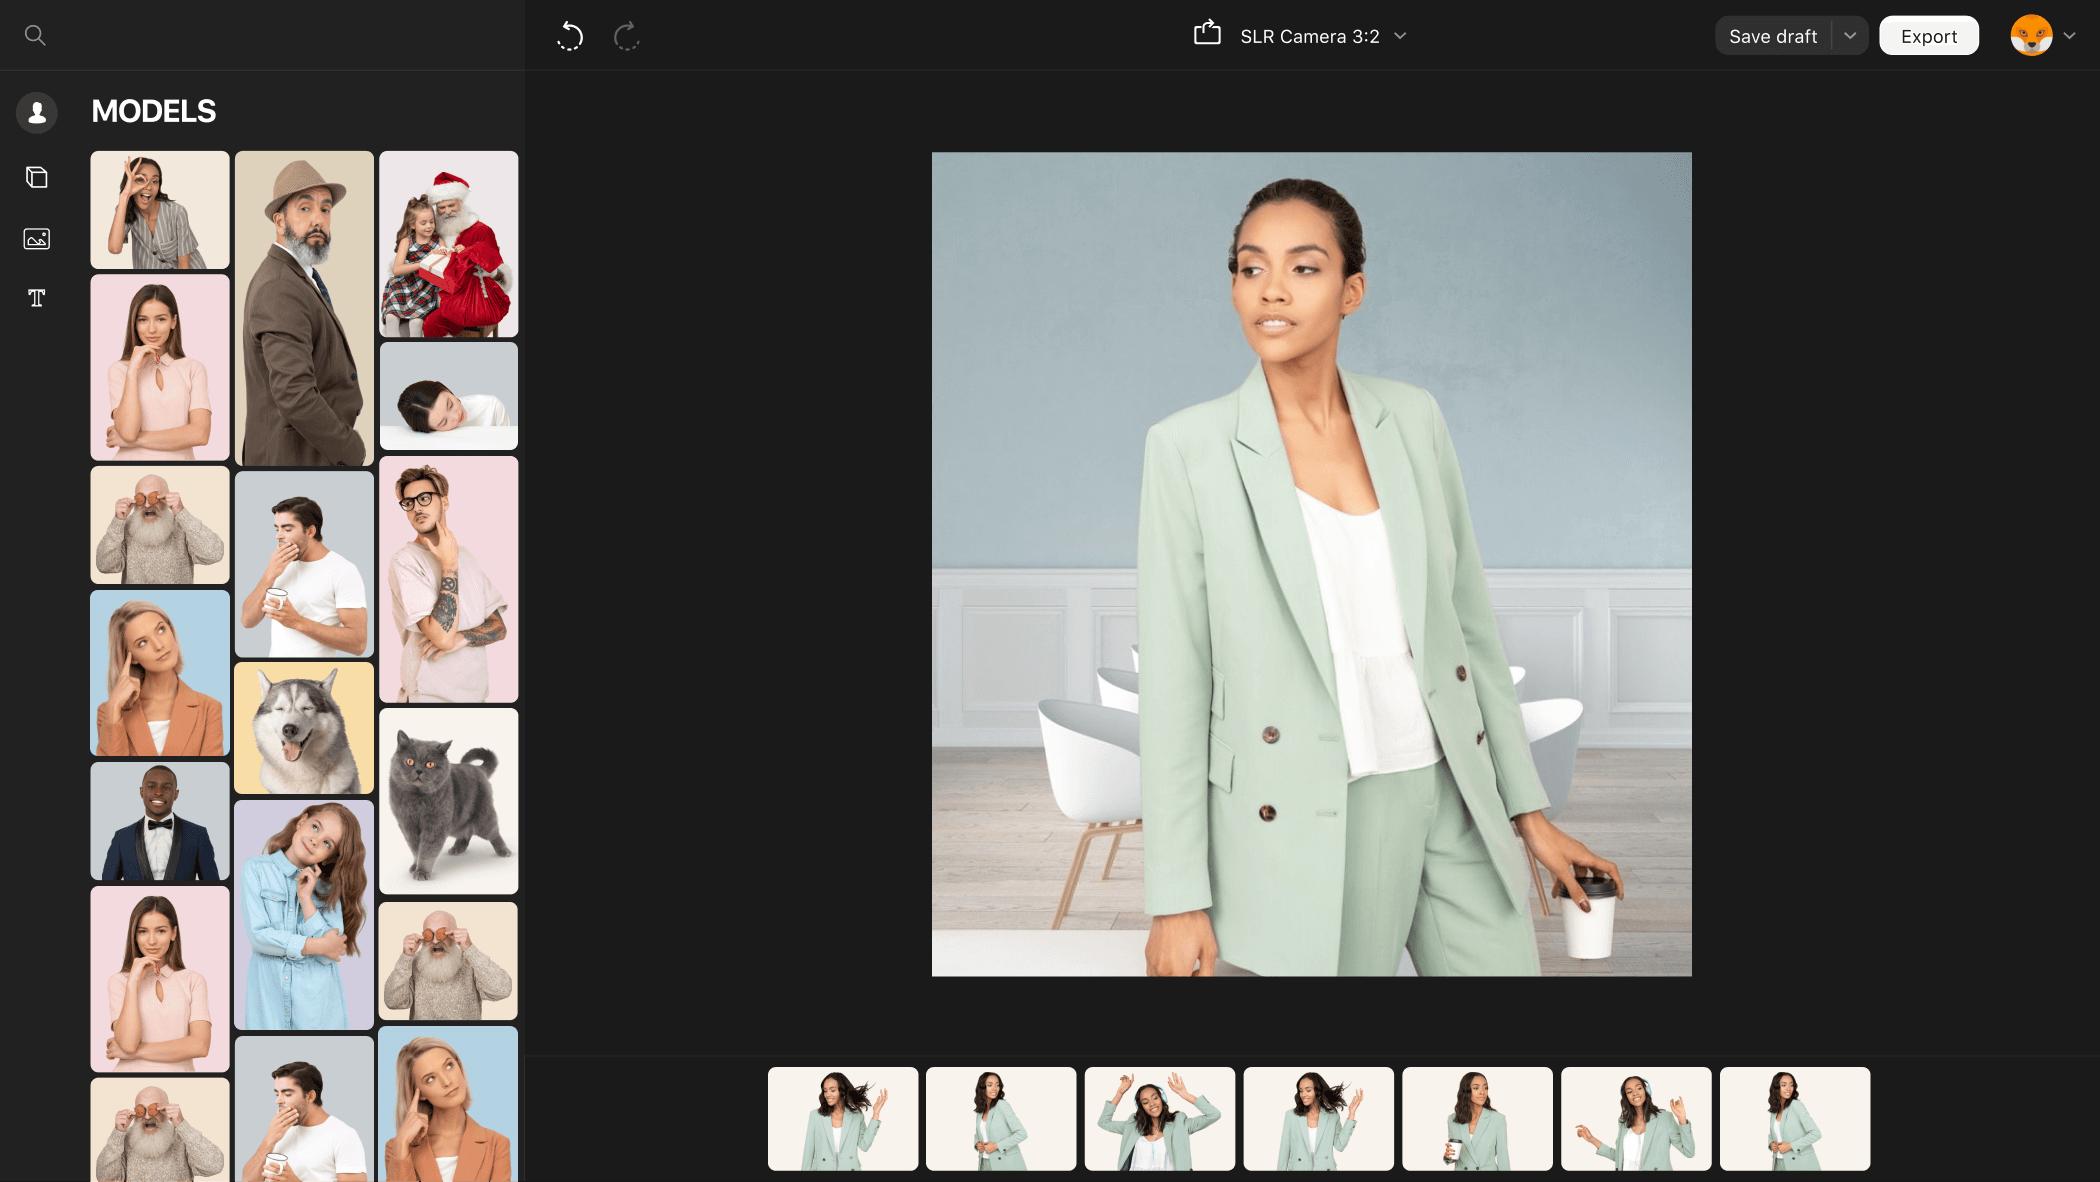 MOOSE – 自己动手DIY素材图像 逼真的照片拼贴画